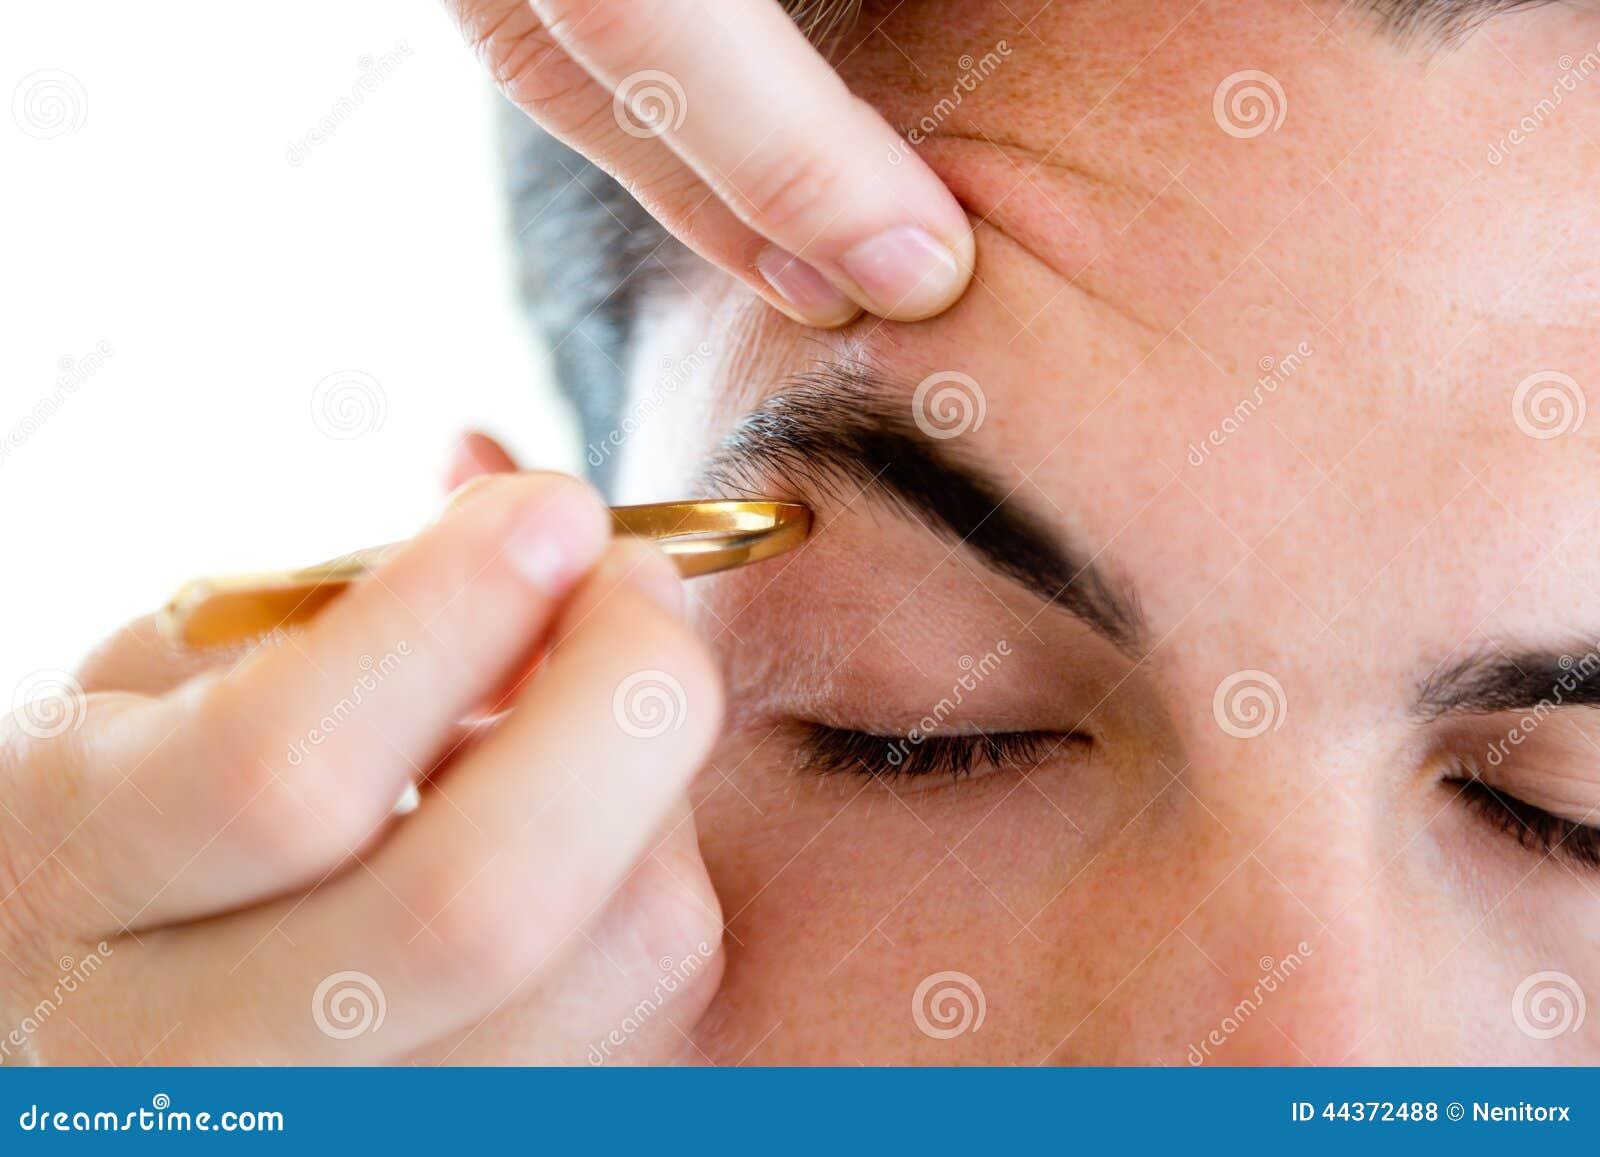 Uomo che rimuove i capelli del sopracciglio con depilare